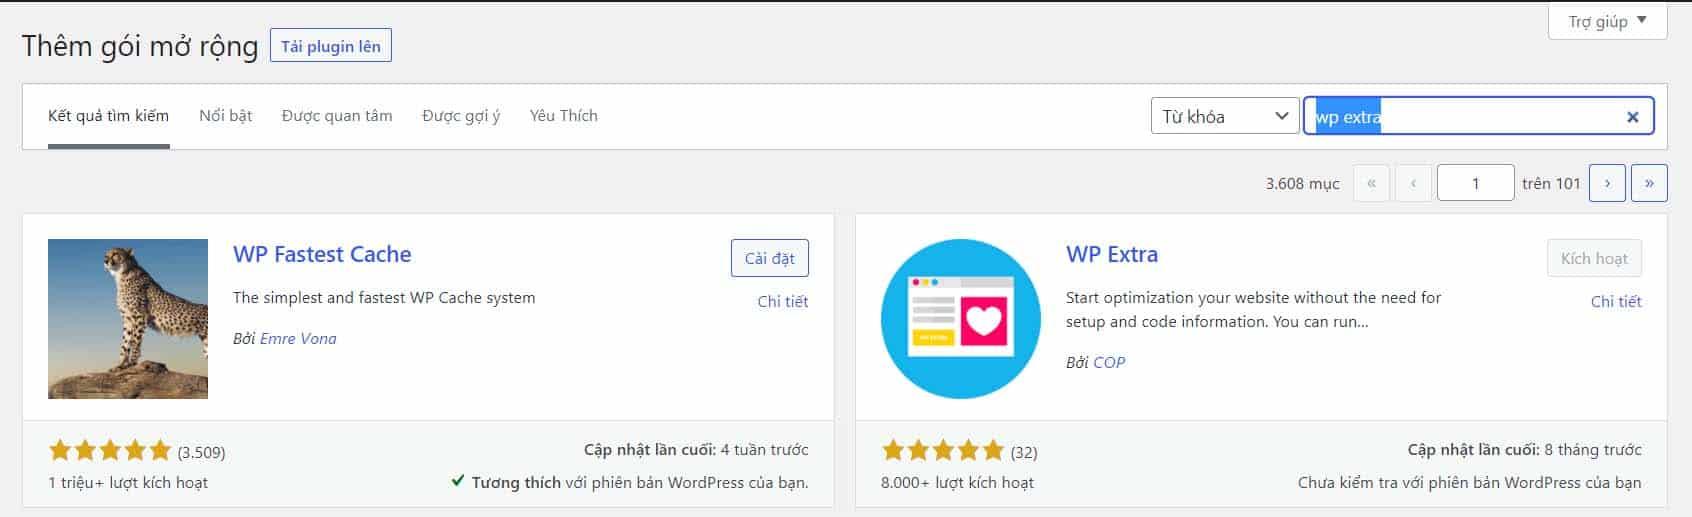 Hướng dẫn cài đặt Plugin WP Extra